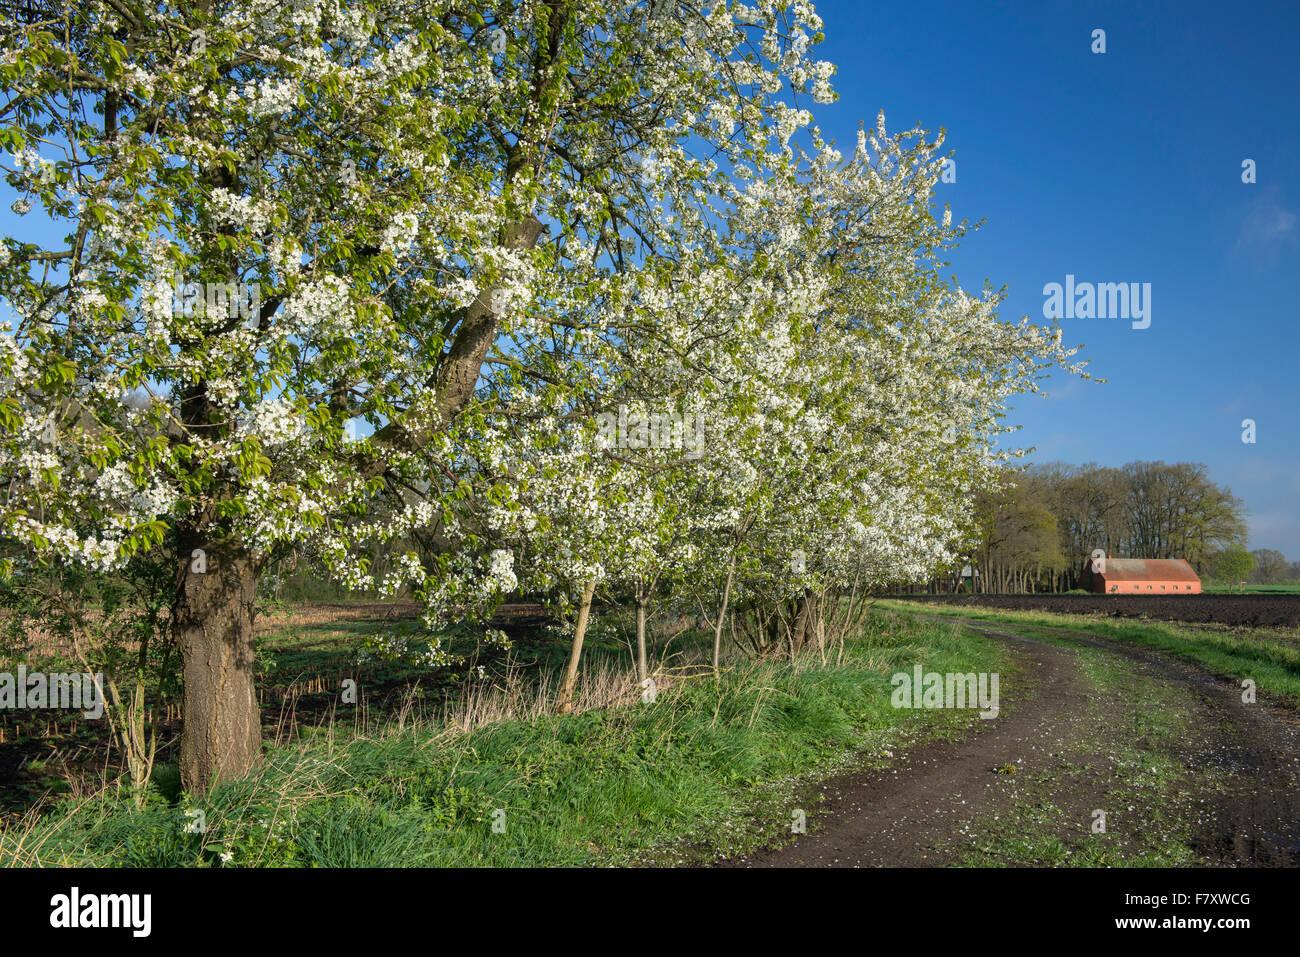 blooming cherry trees in bakum, vechta district, niedersachsen, germany - Stock Image